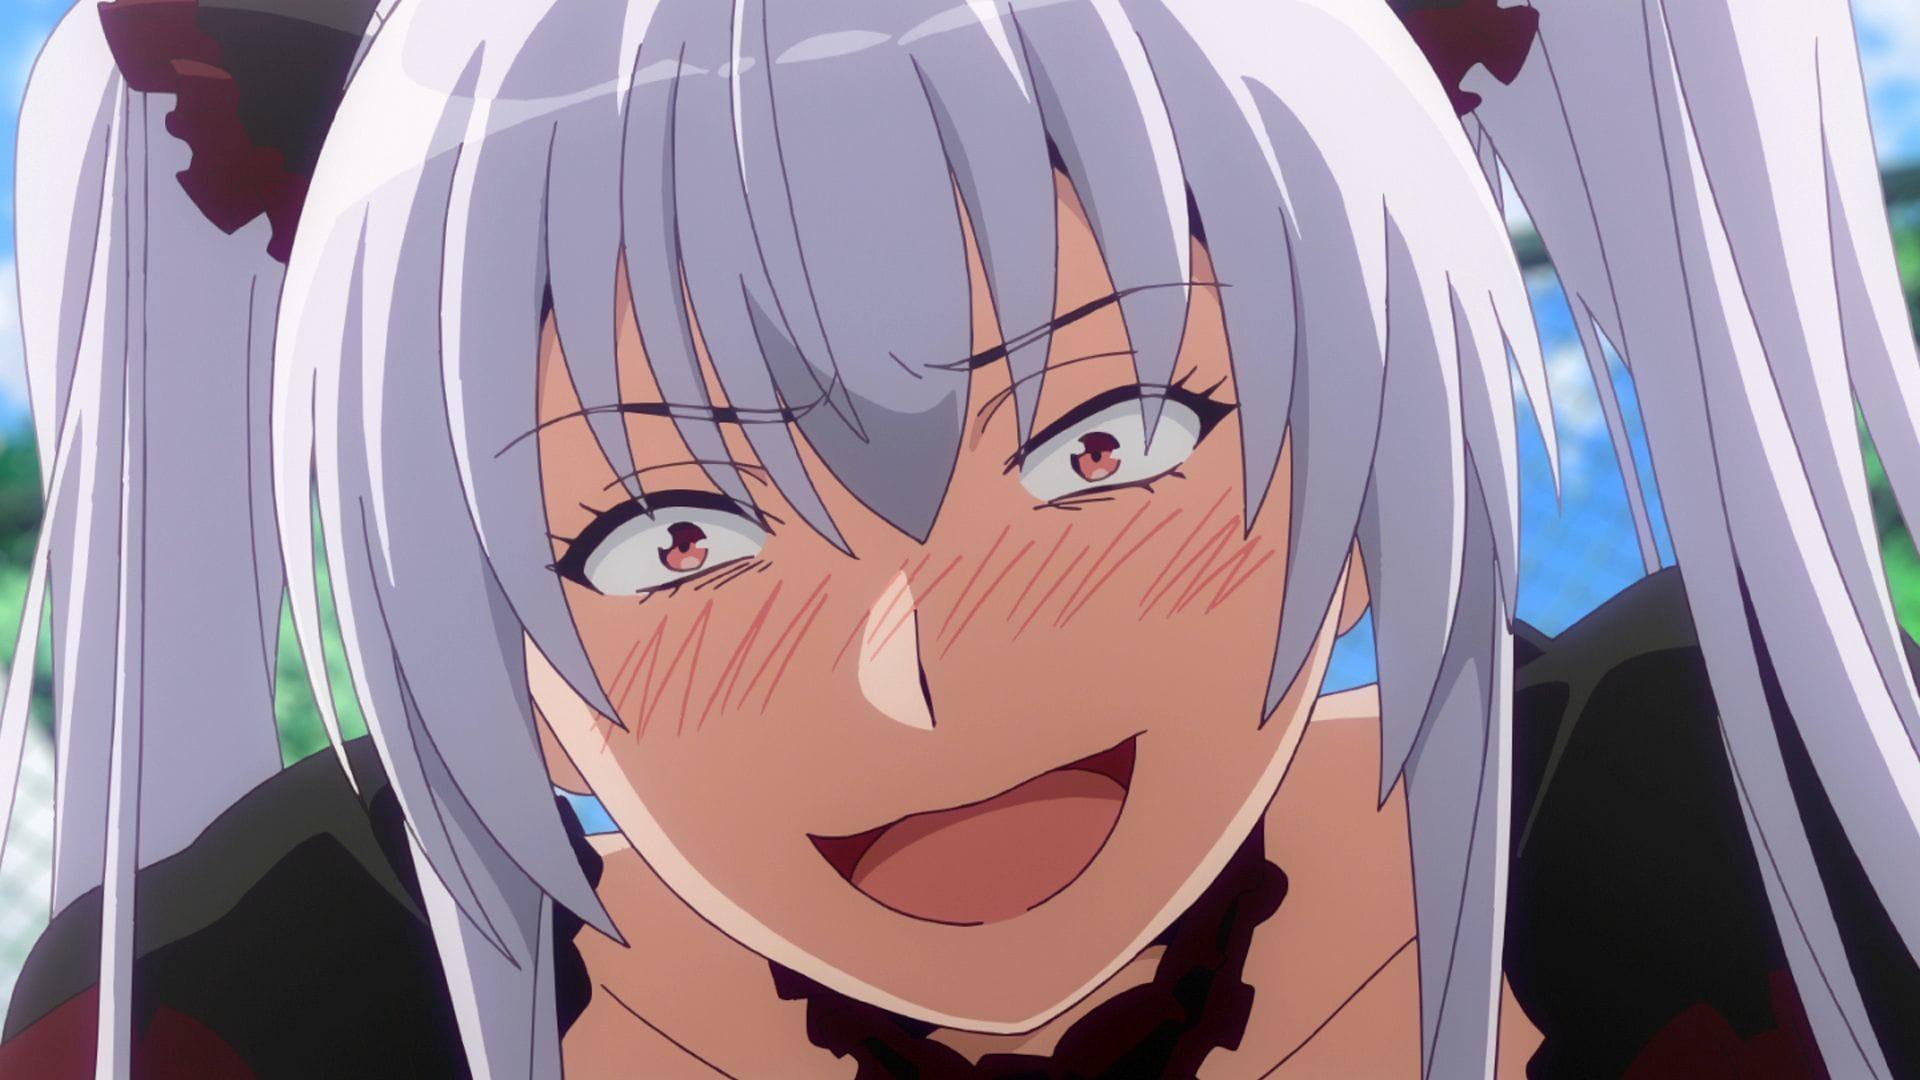 秋アニメ『うちのメイドがウザすぎる!』第7話のあらすじ・場面カット公開! 新しい家政婦を雇ったミーシャは、つばめに対してクビを宣告する-3